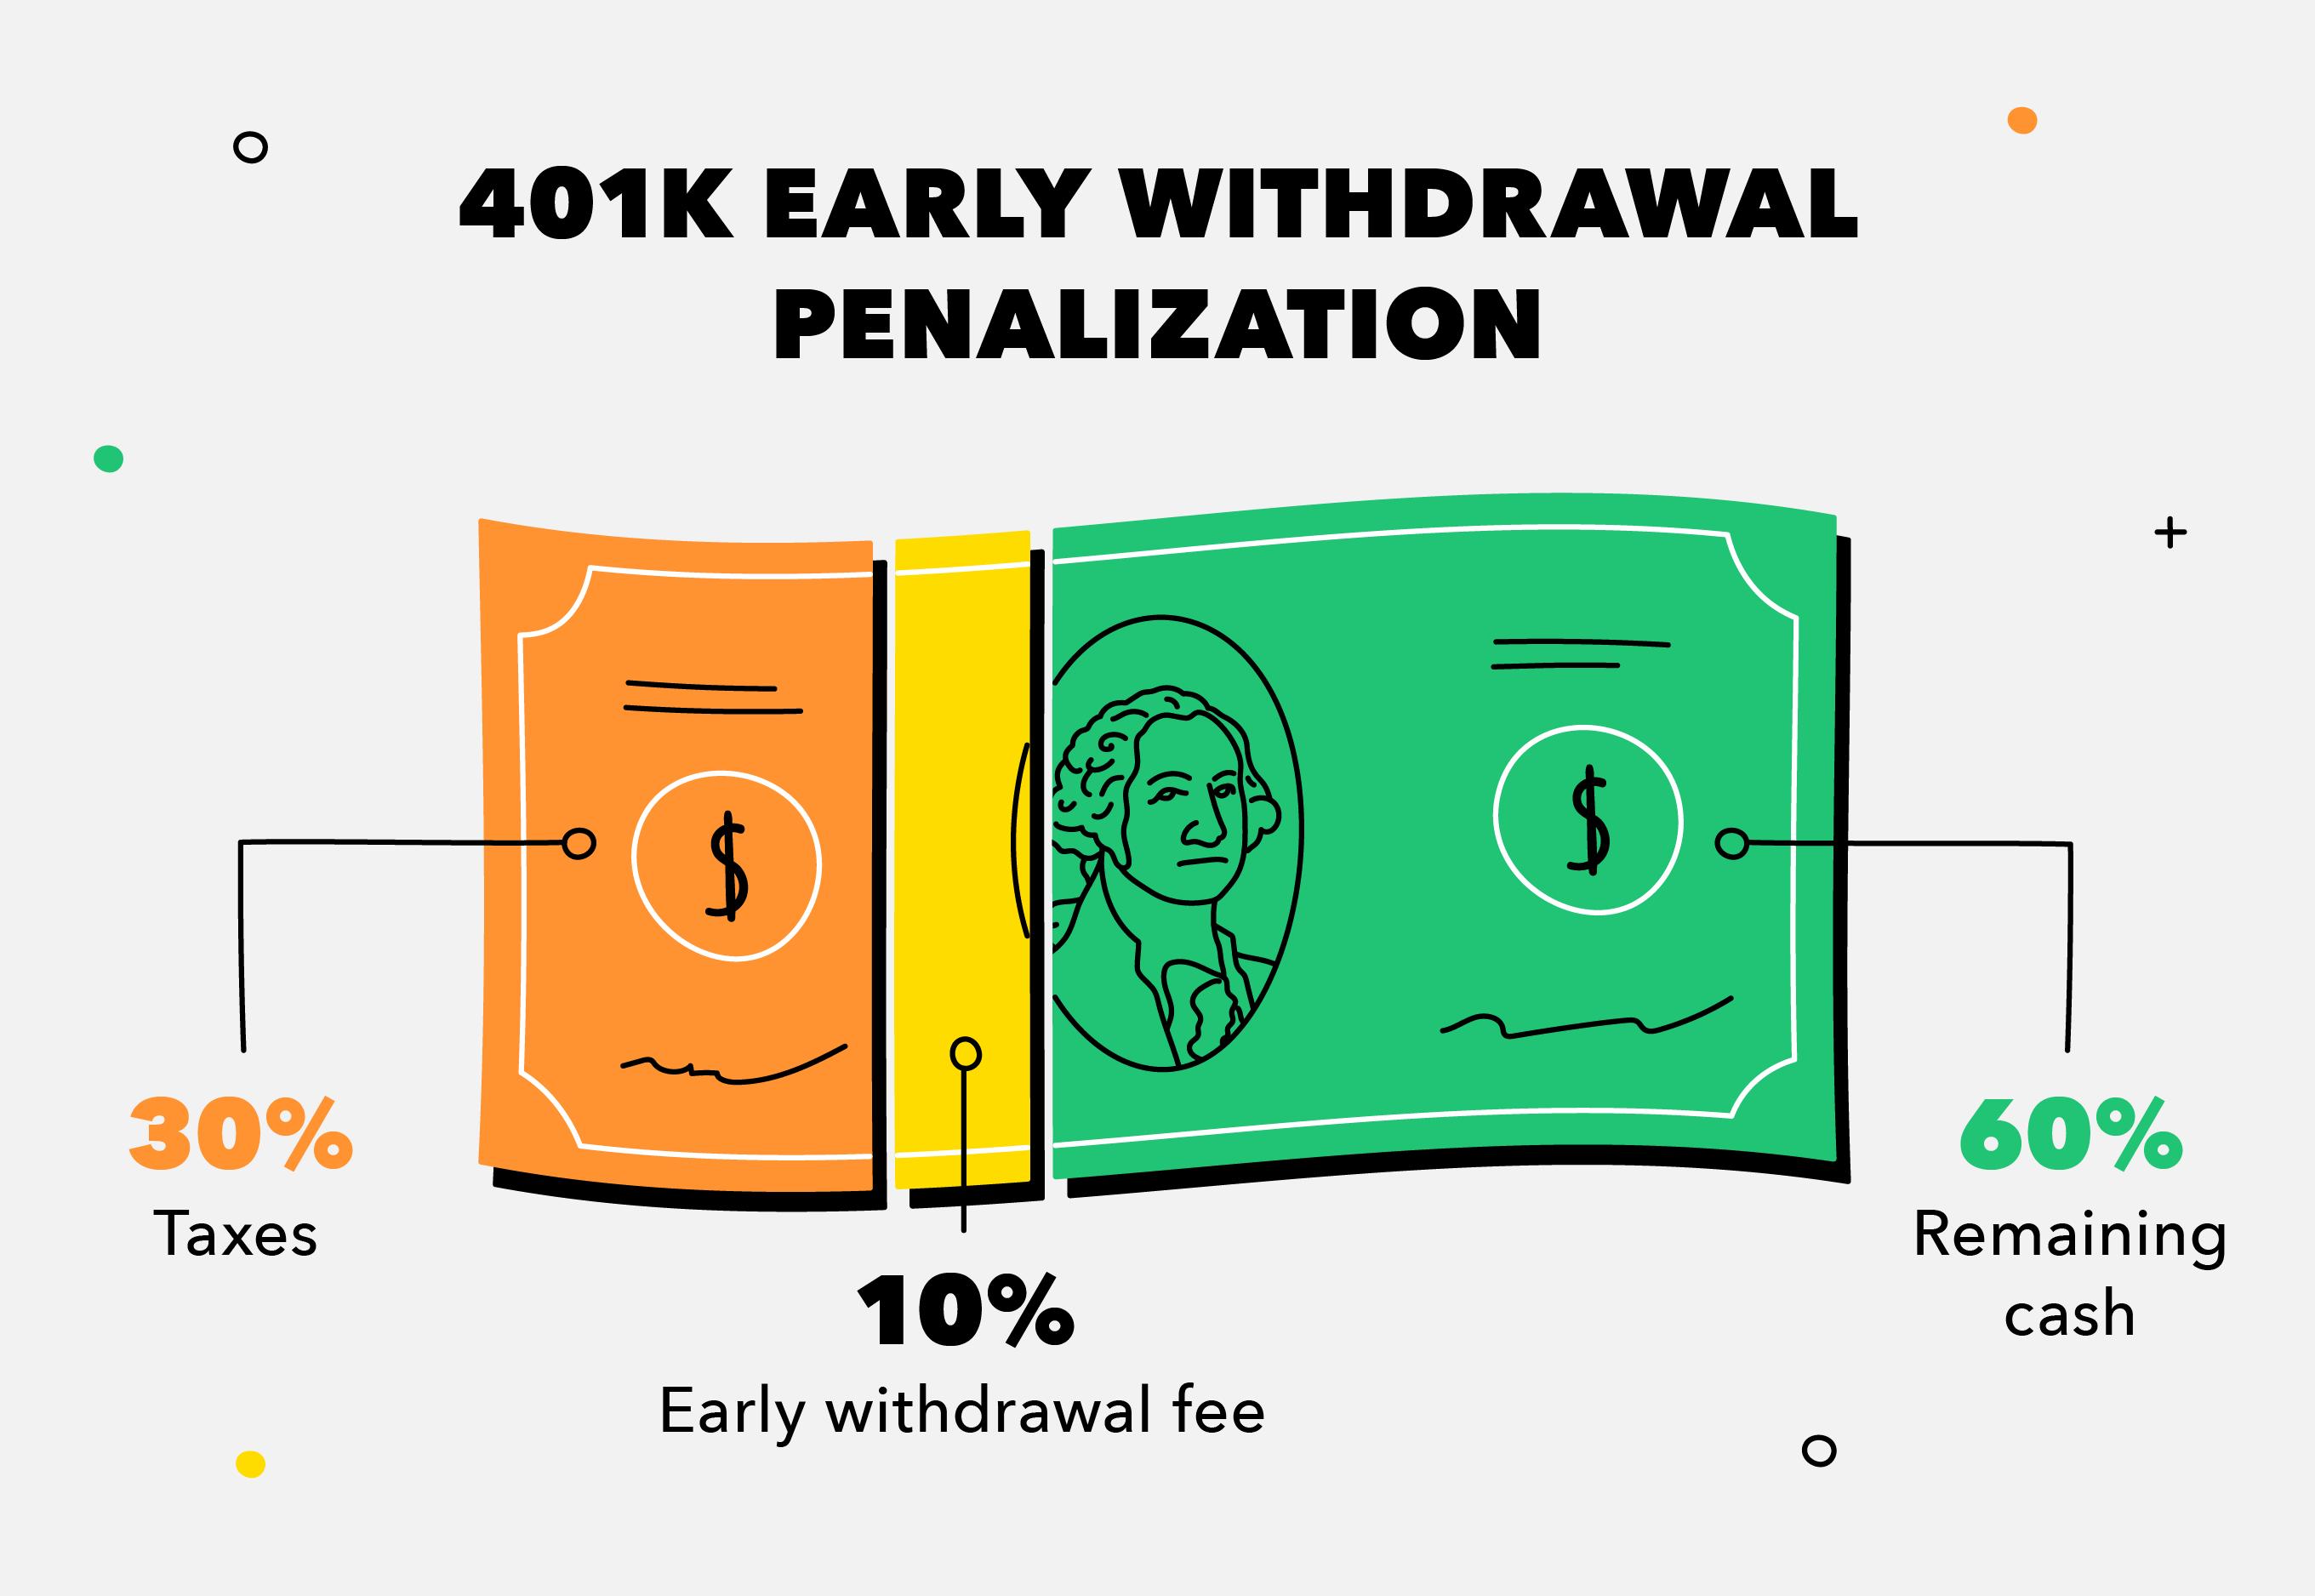 401k early withdrawal penalties